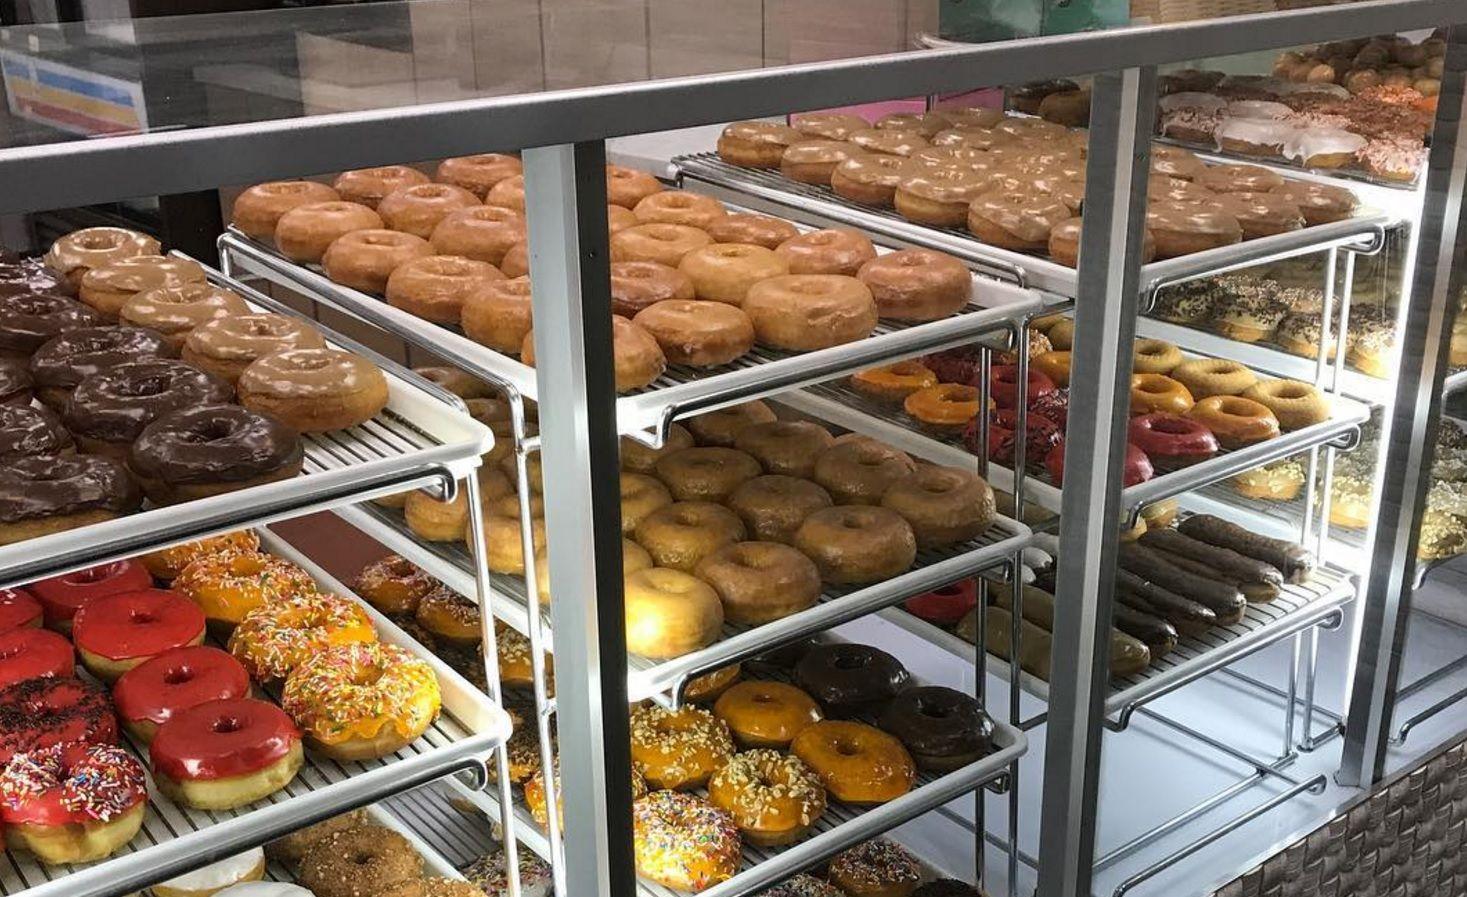 'Vegan Donut Gelato' Eatery Comes To Oakland  https://www.plantbasednews.org/post/vegan-donut-gelato-eatery-comes-to-oakland